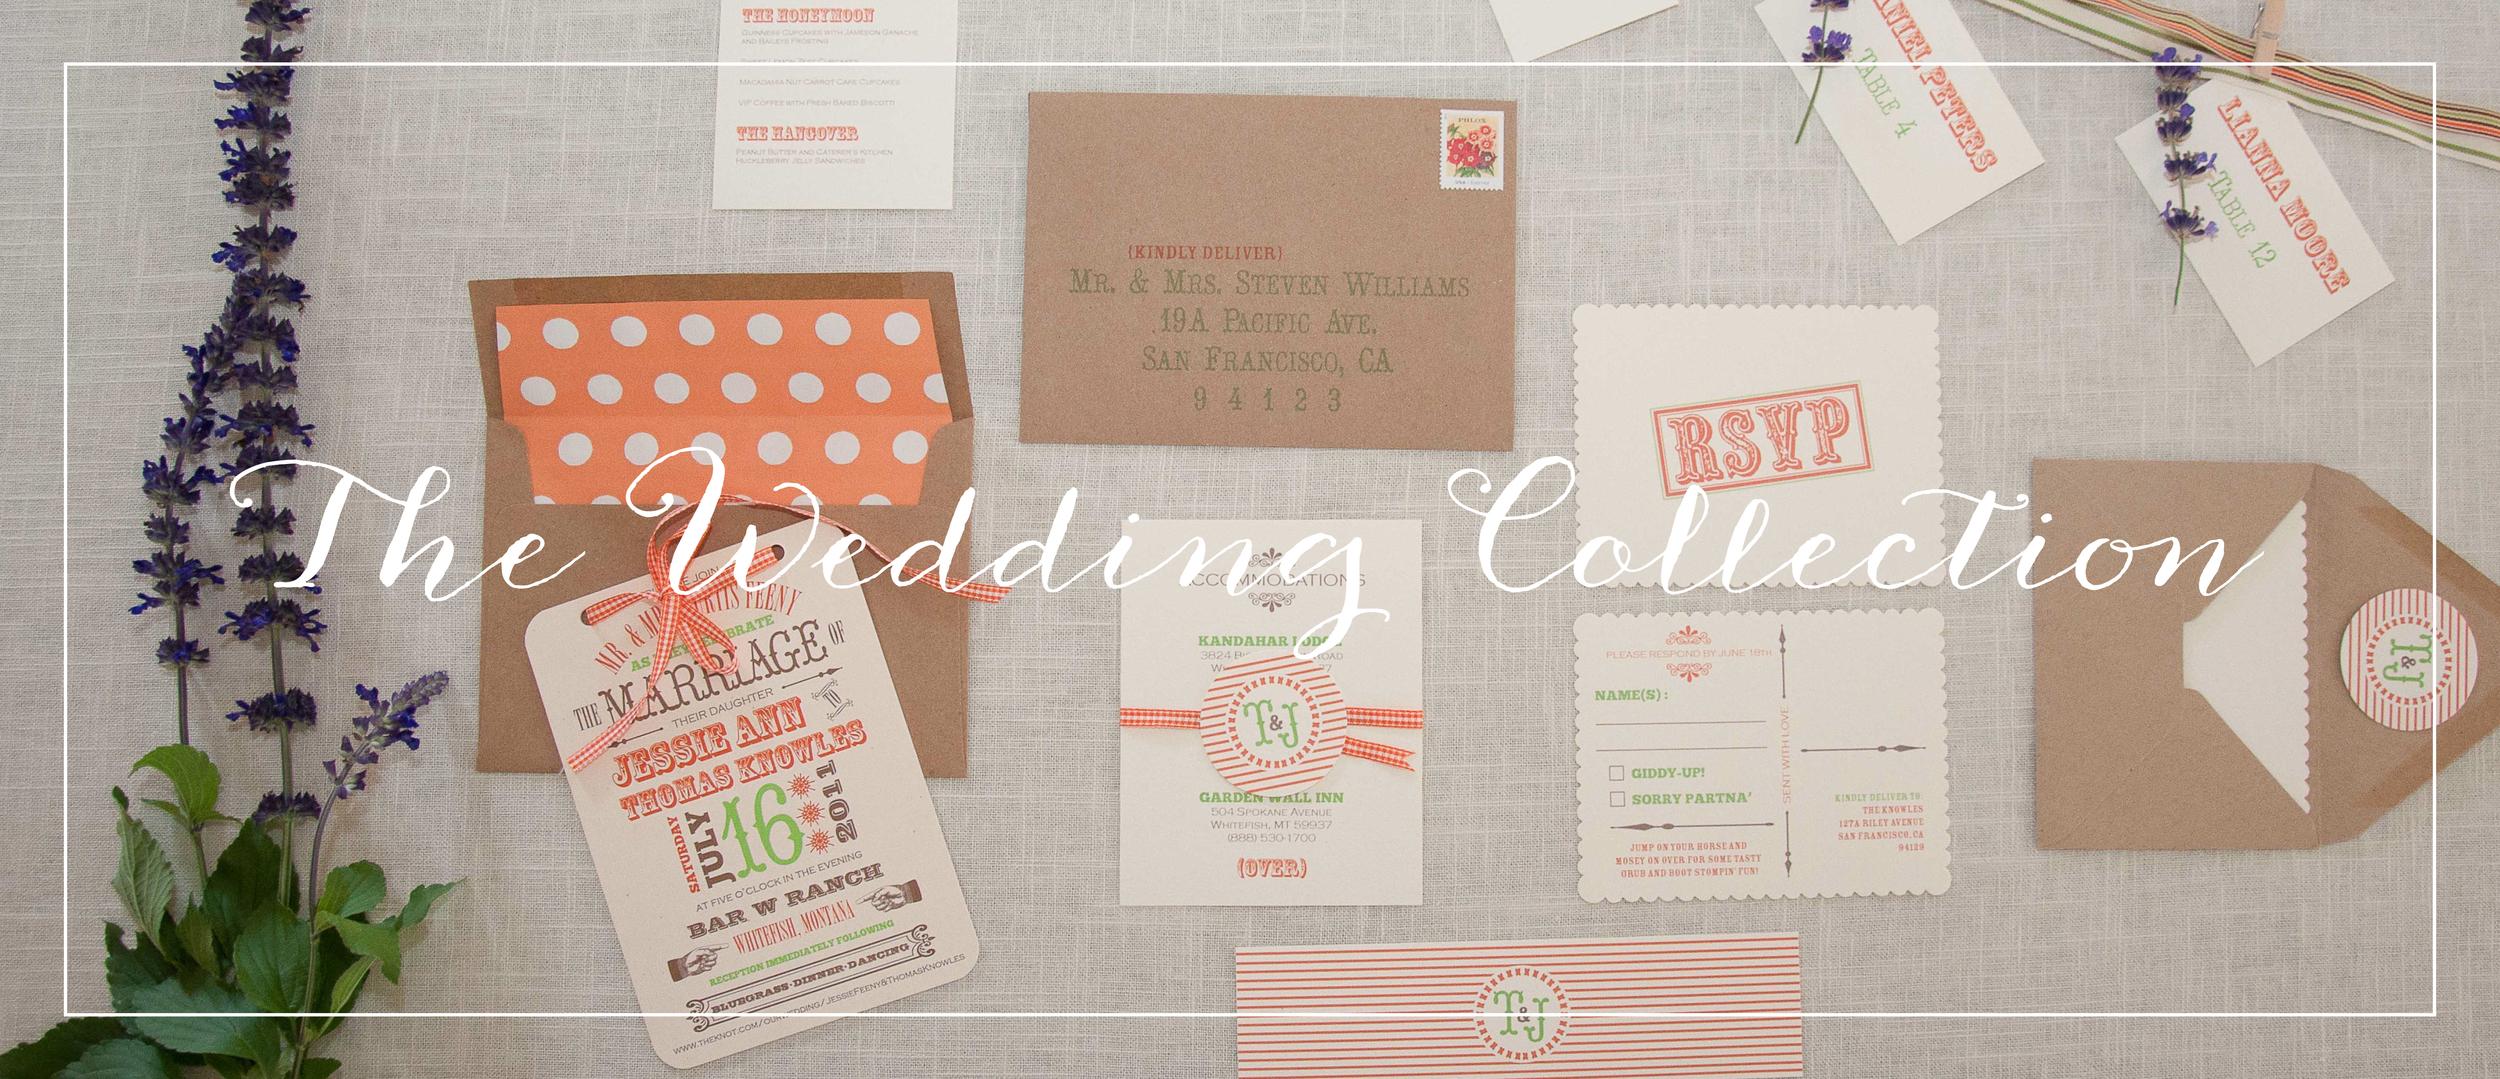 Jessie Wedding Collection.jpg